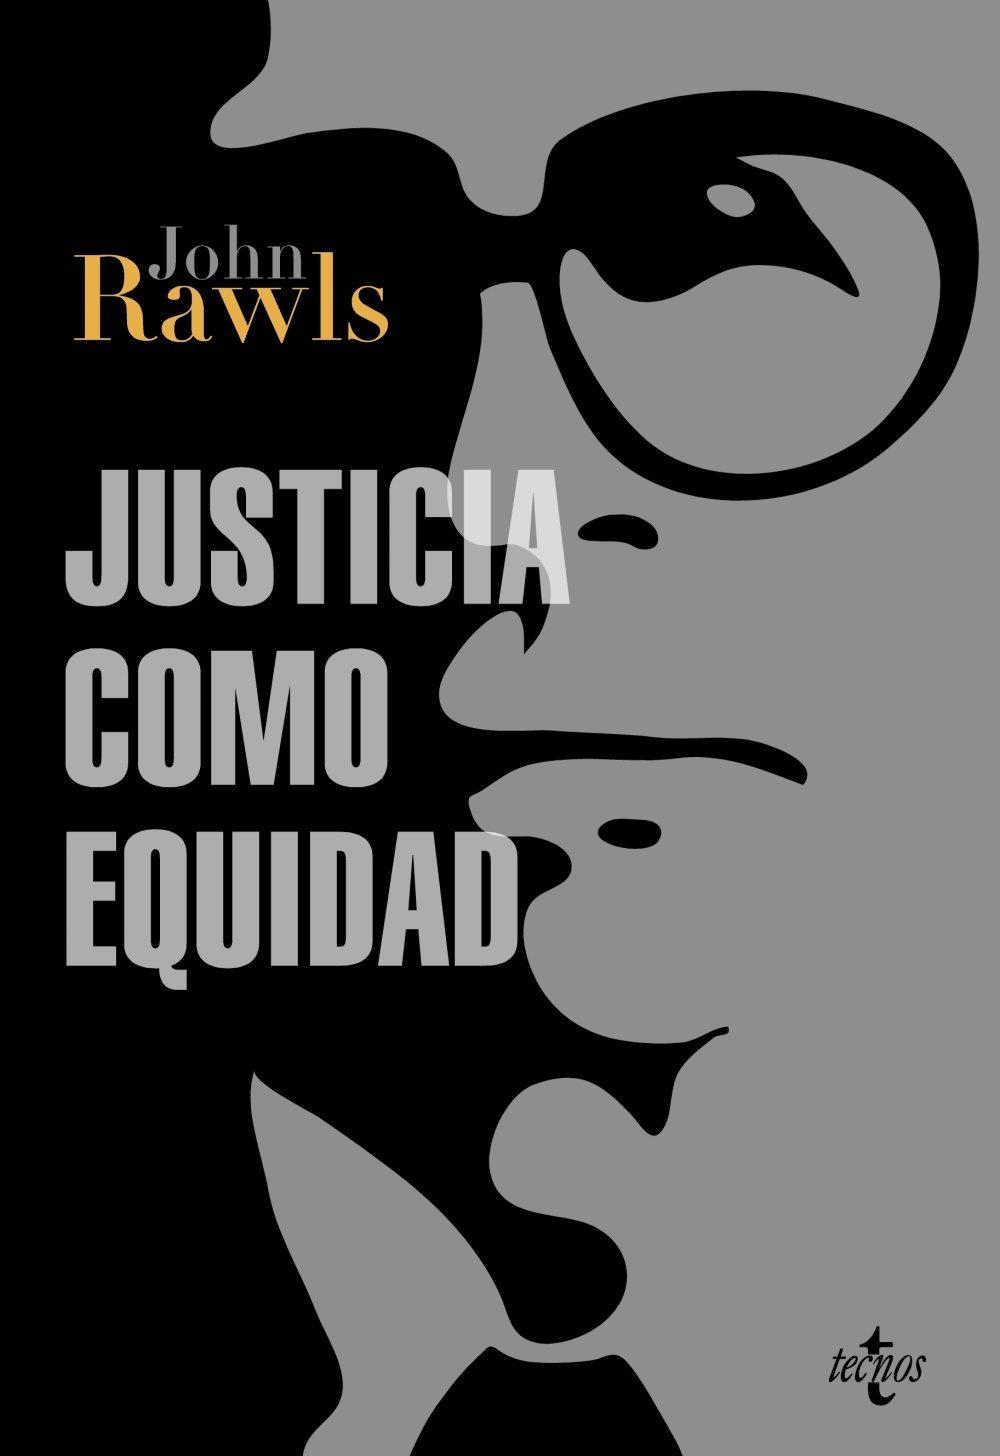 Justicia como equidad: Una reformulación